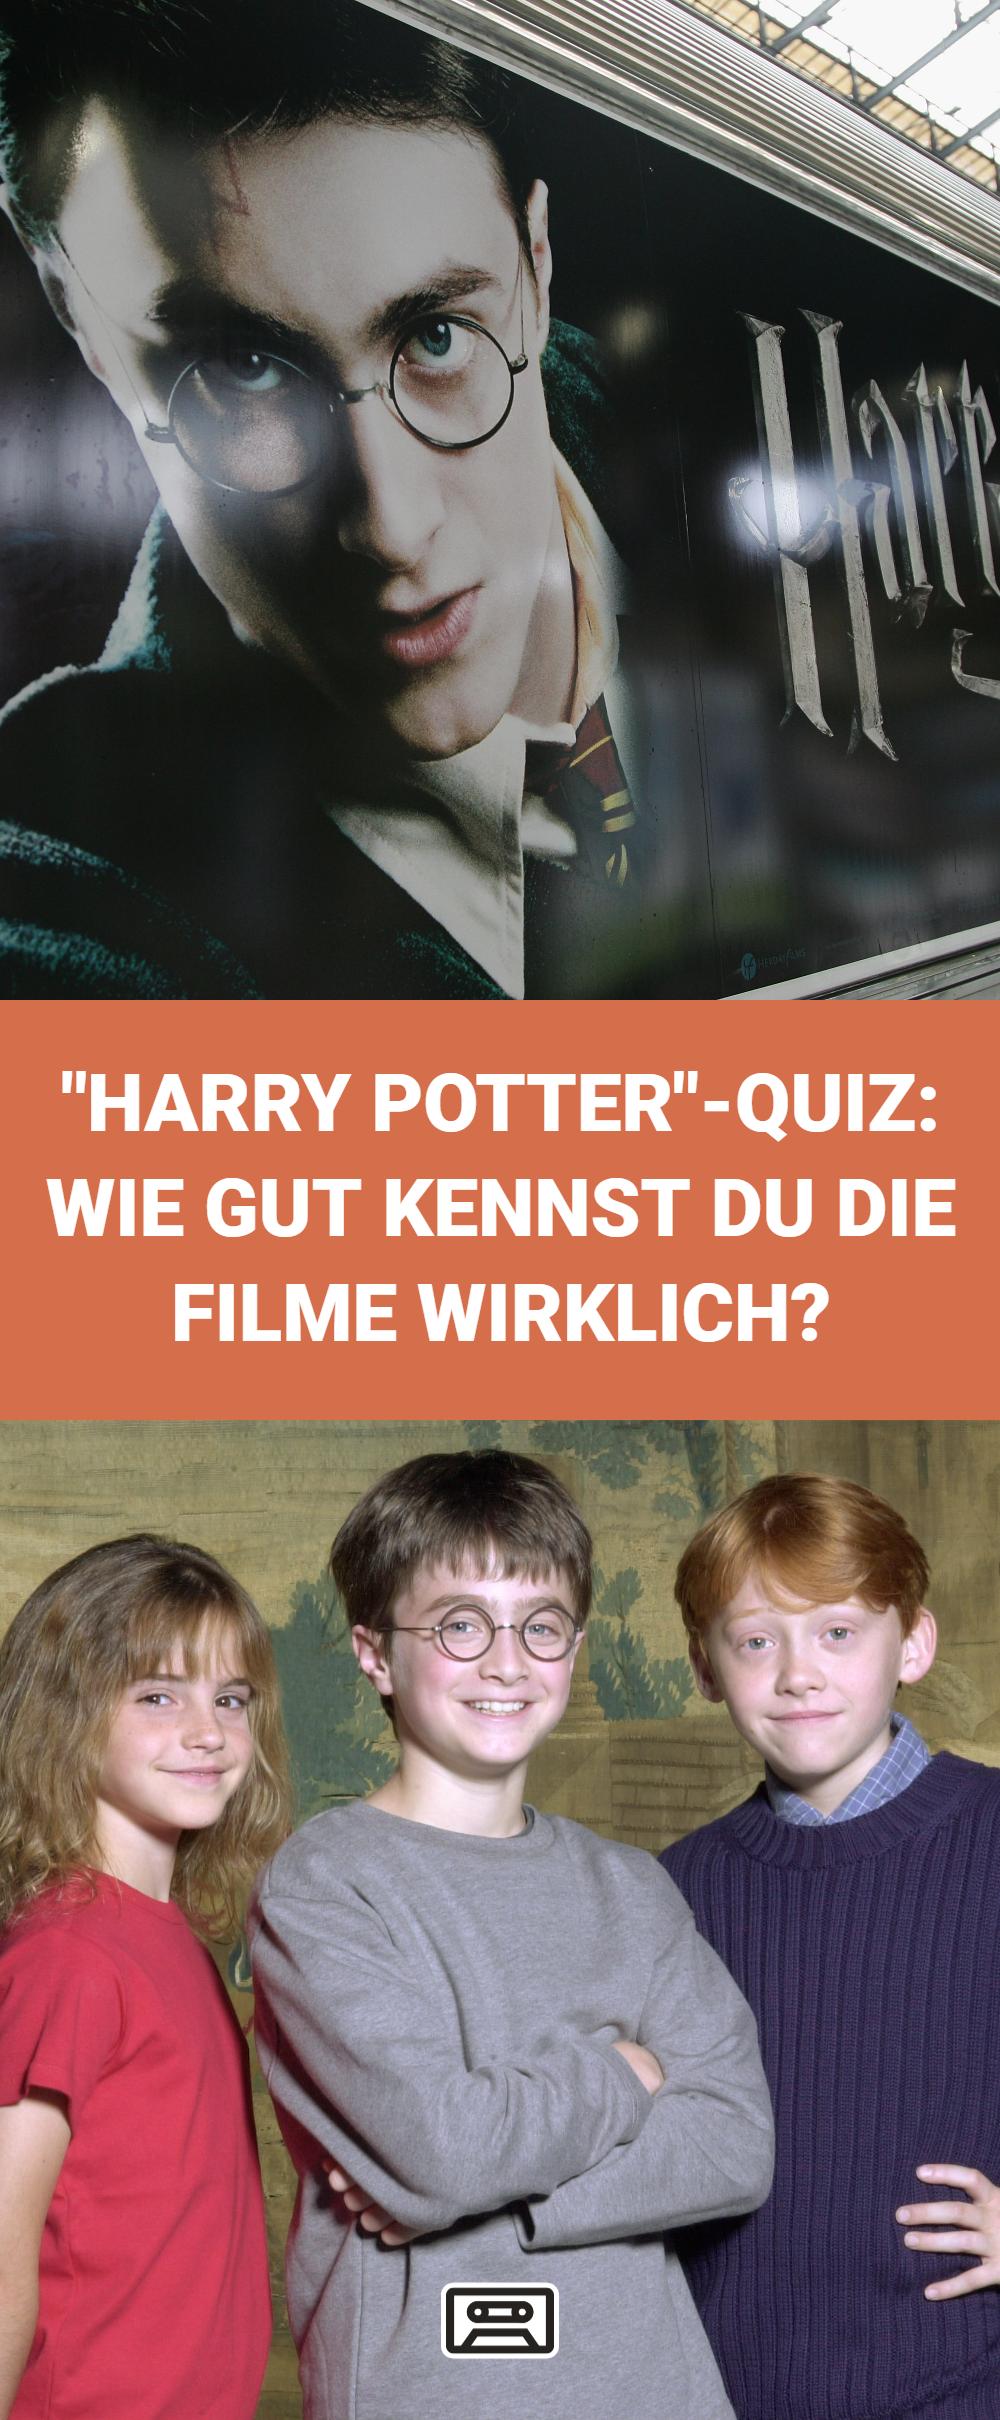 Das Wohl Schwerste Harry Potter Quiz Harrypotter Harrypotterfan Filme Quiz Harry Potter Quiz Filme Filme Nach Genre